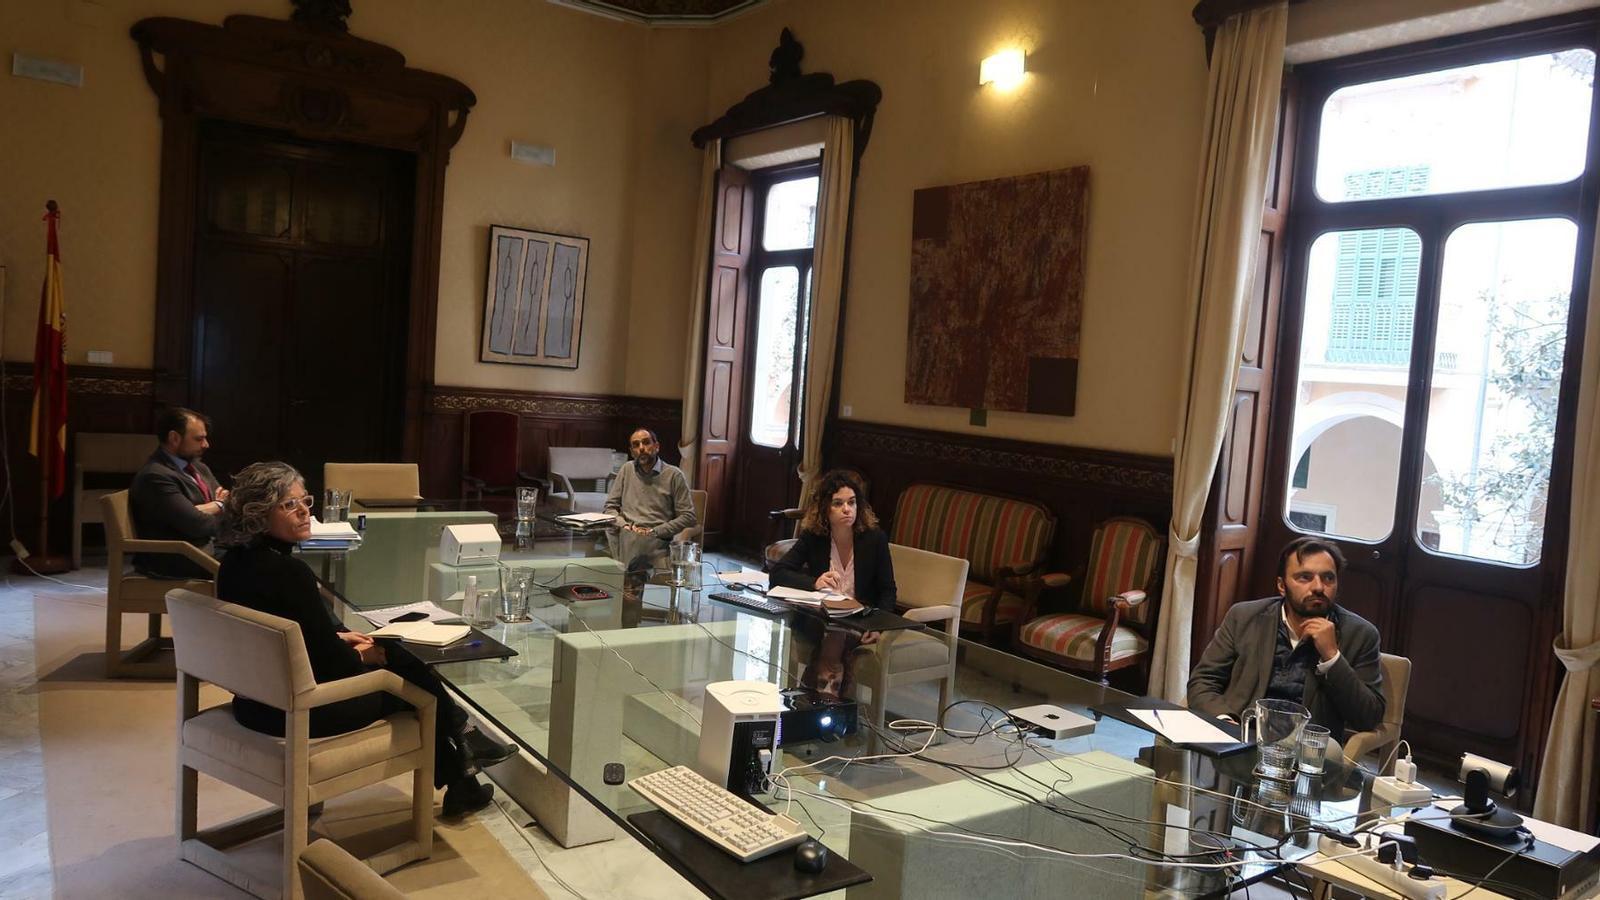 La consellera d'Hisenda i Relacions Exteriors, Rosario Sánchez, acompanyada dels directors generals de Pressuposts, de Tresoreria i Política Financera i de Cooperació Local i Patrimoni i l'interventor general.